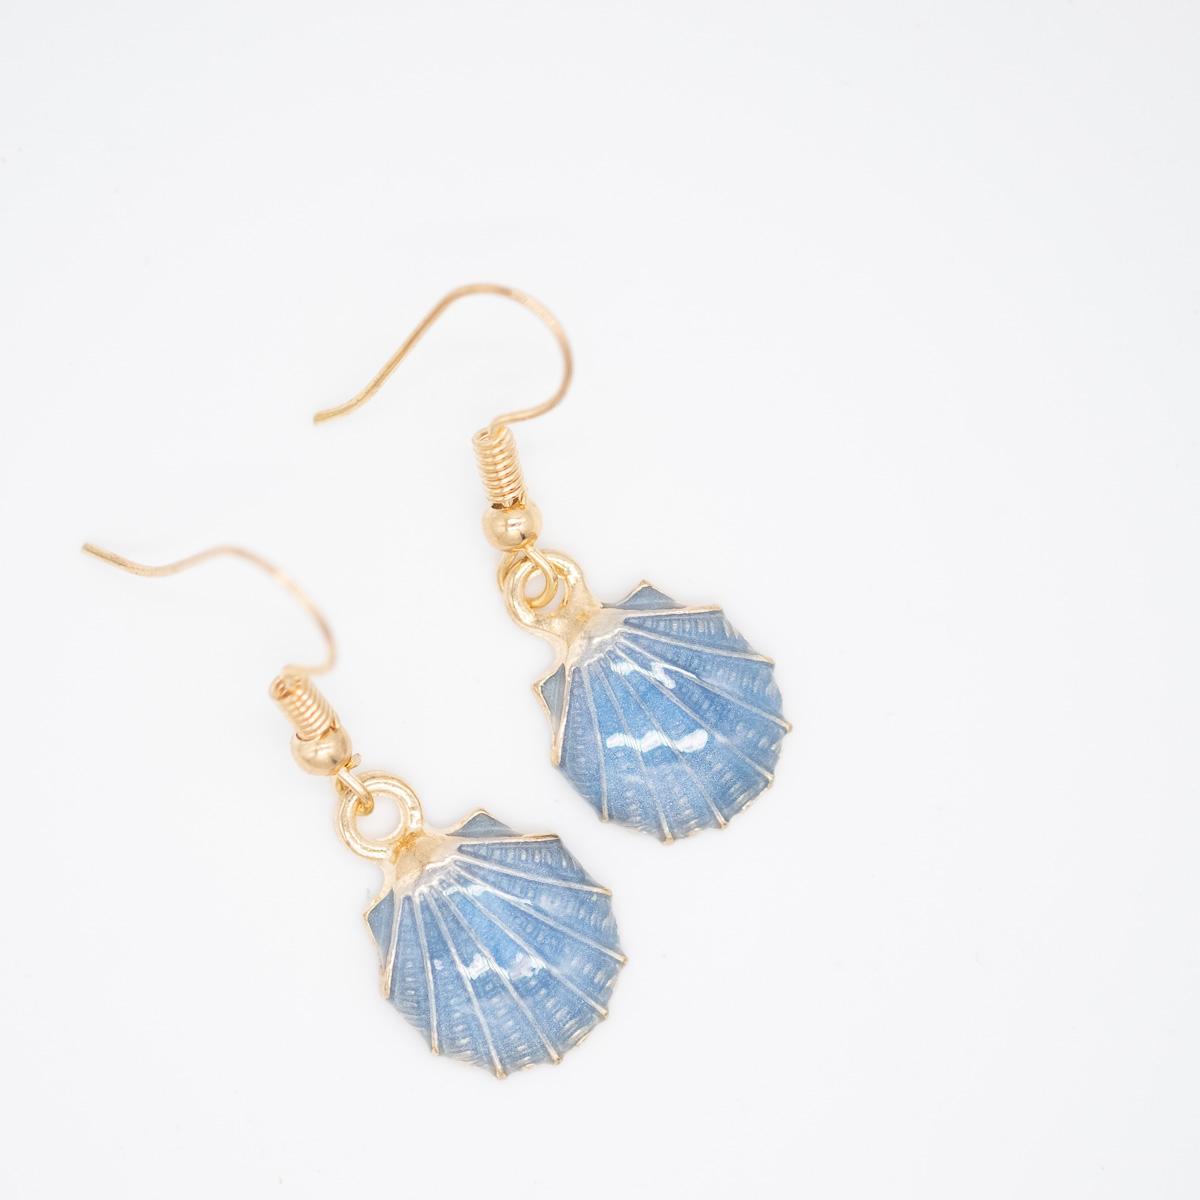 ORB-003 Oorbellen met blauwe schelp